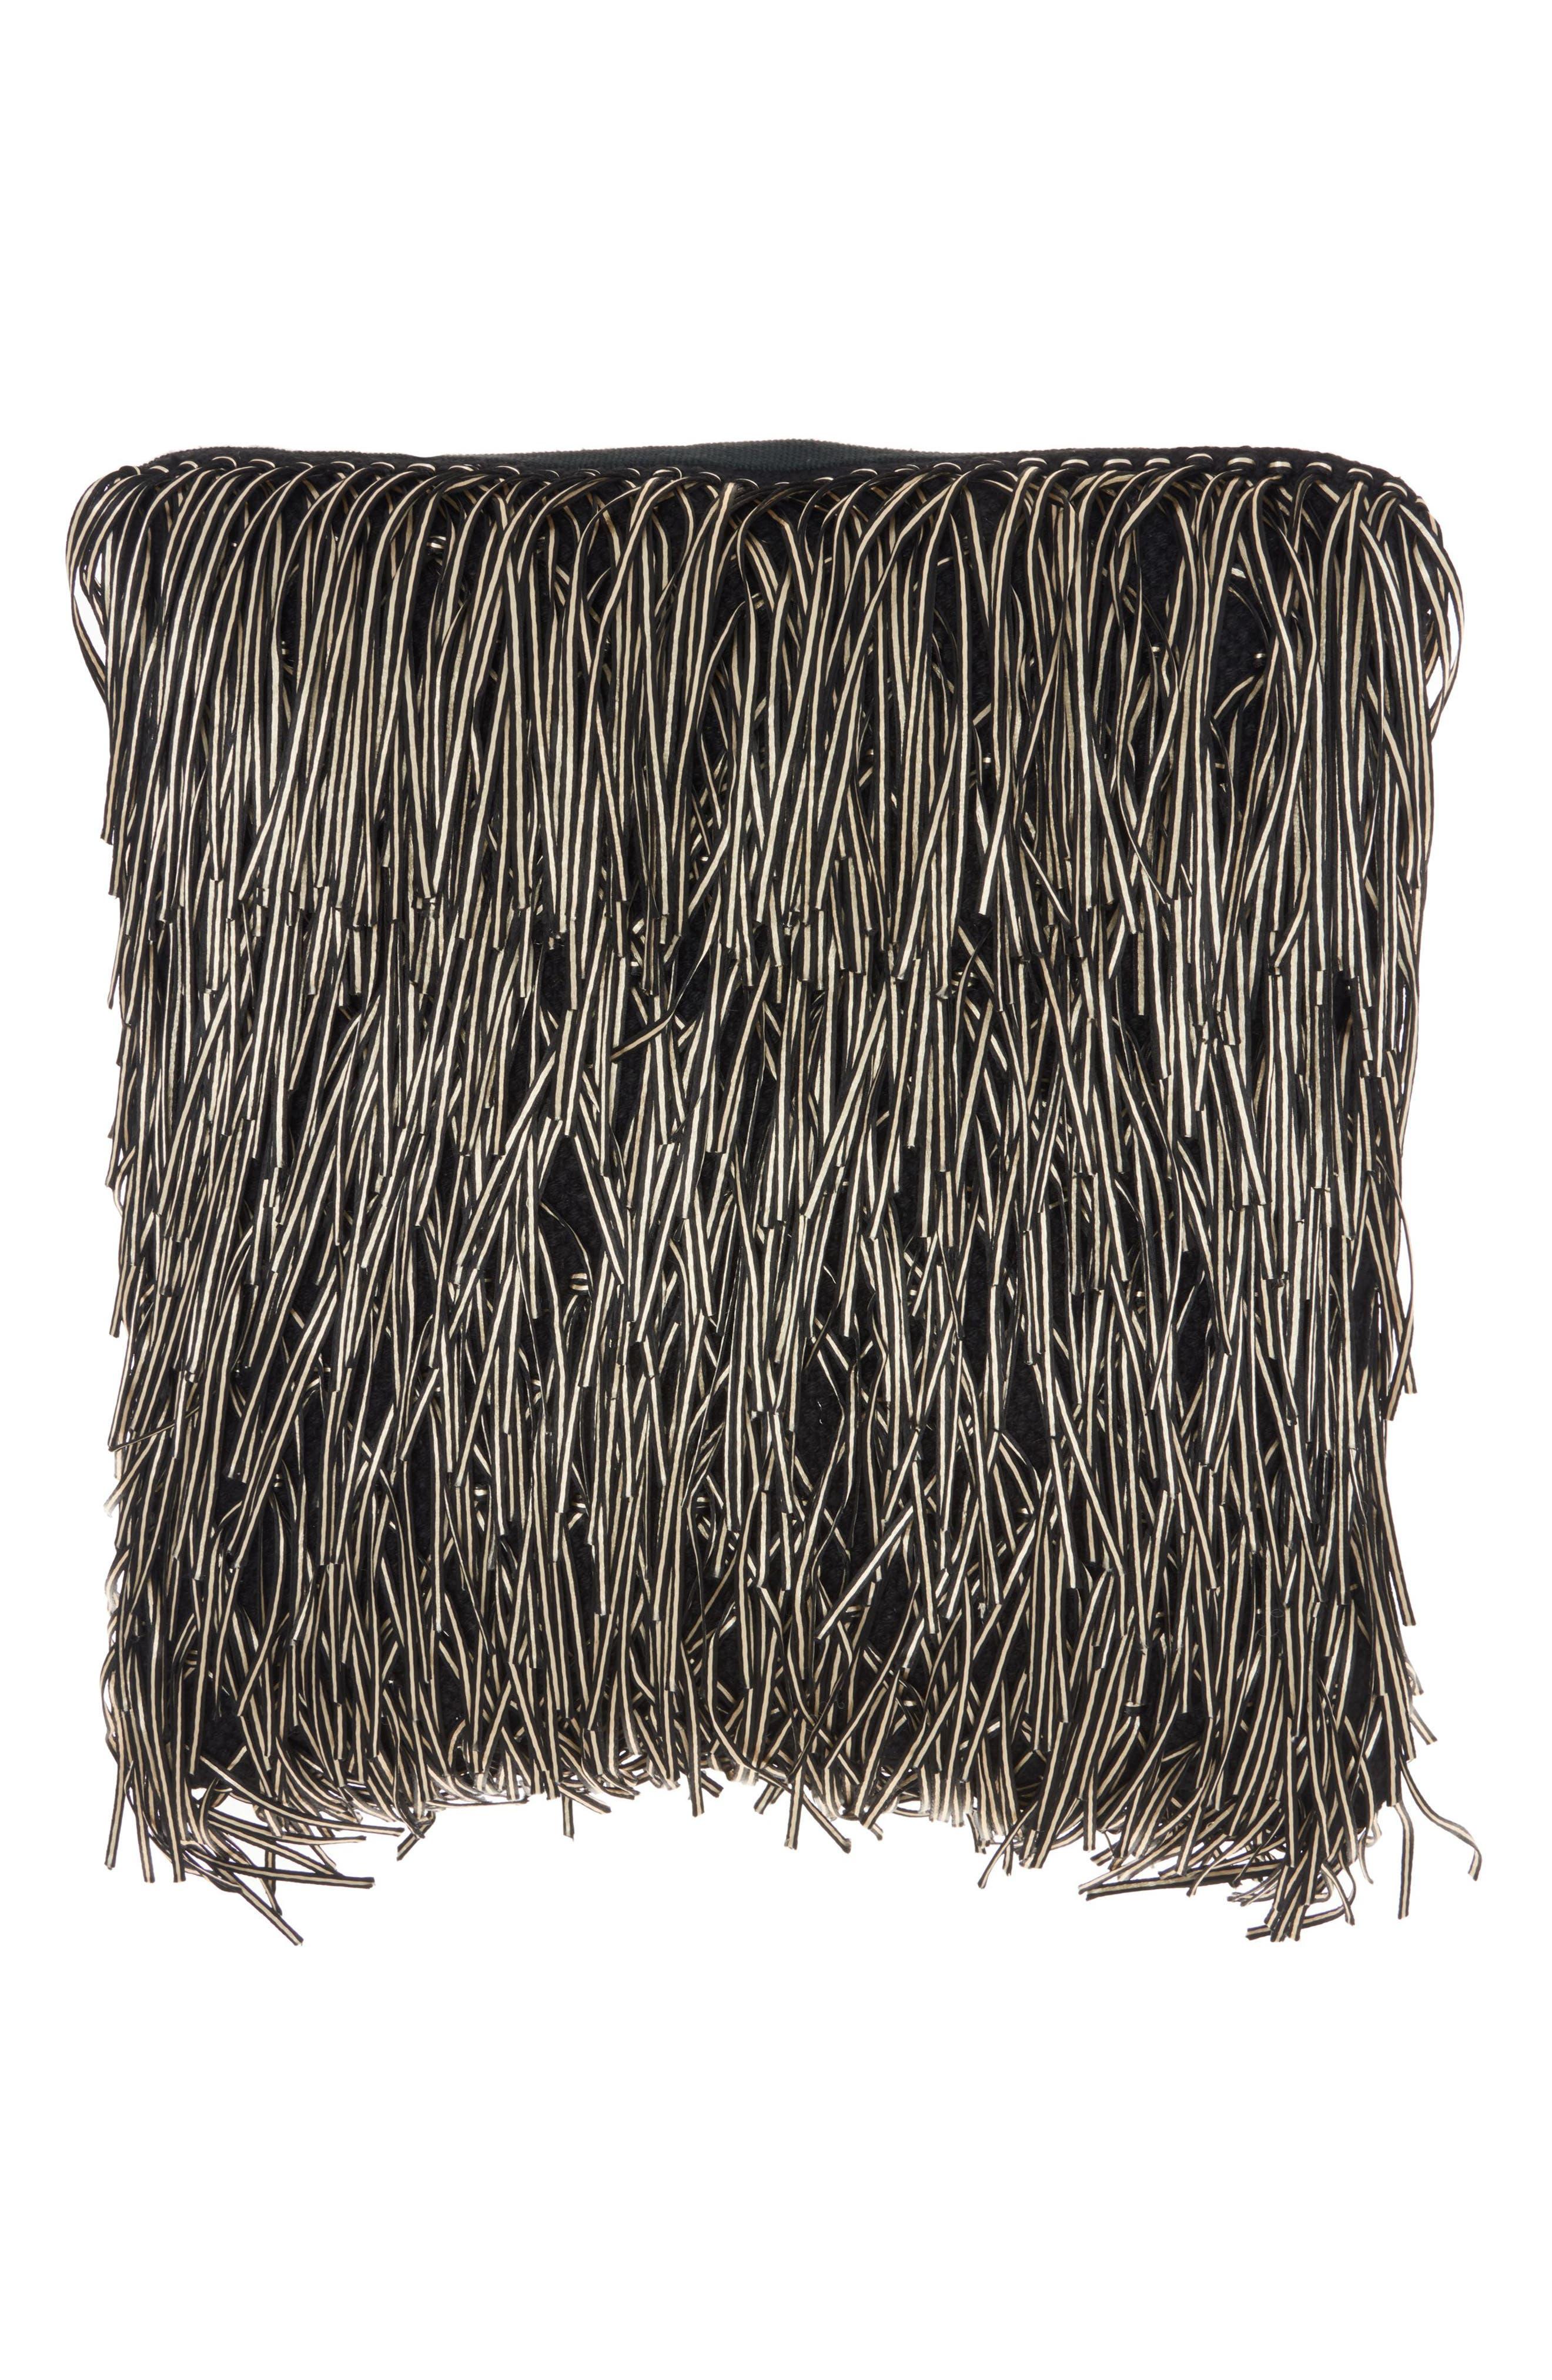 Metallic Fringe Pillow,                             Main thumbnail 1, color,                             Black